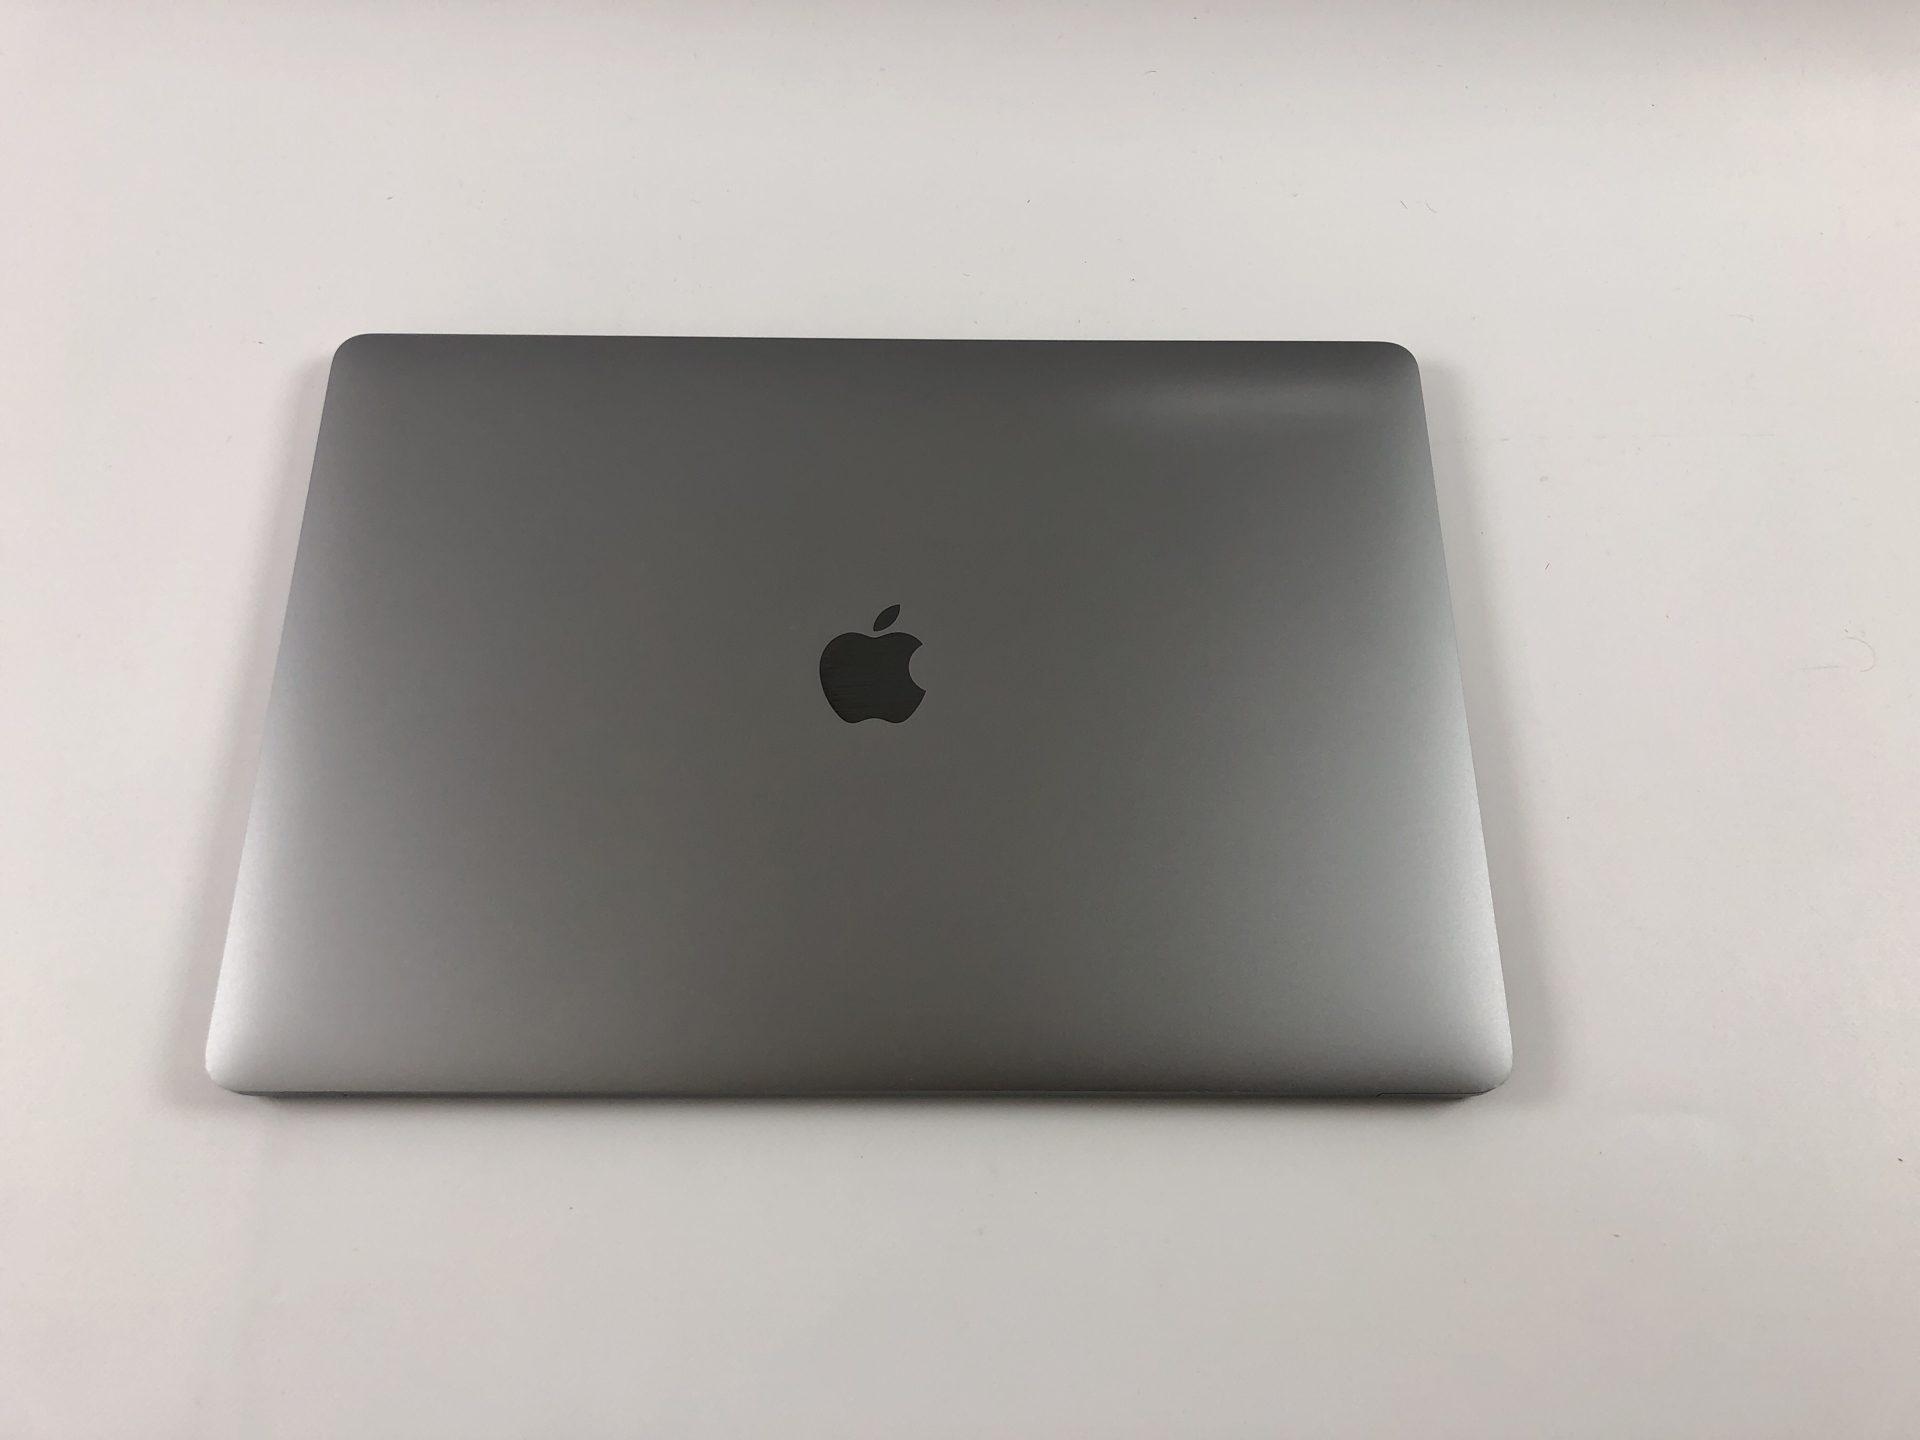 """MacBook Pro 15"""" Touch Bar Mid 2017 (Intel Quad-Core i7 2.8 GHz 16 GB RAM 512 GB SSD), Space Gray, Intel Quad-Core i7 2.8 GHz, 16 GB RAM, 512 GB SSD, bild 2"""